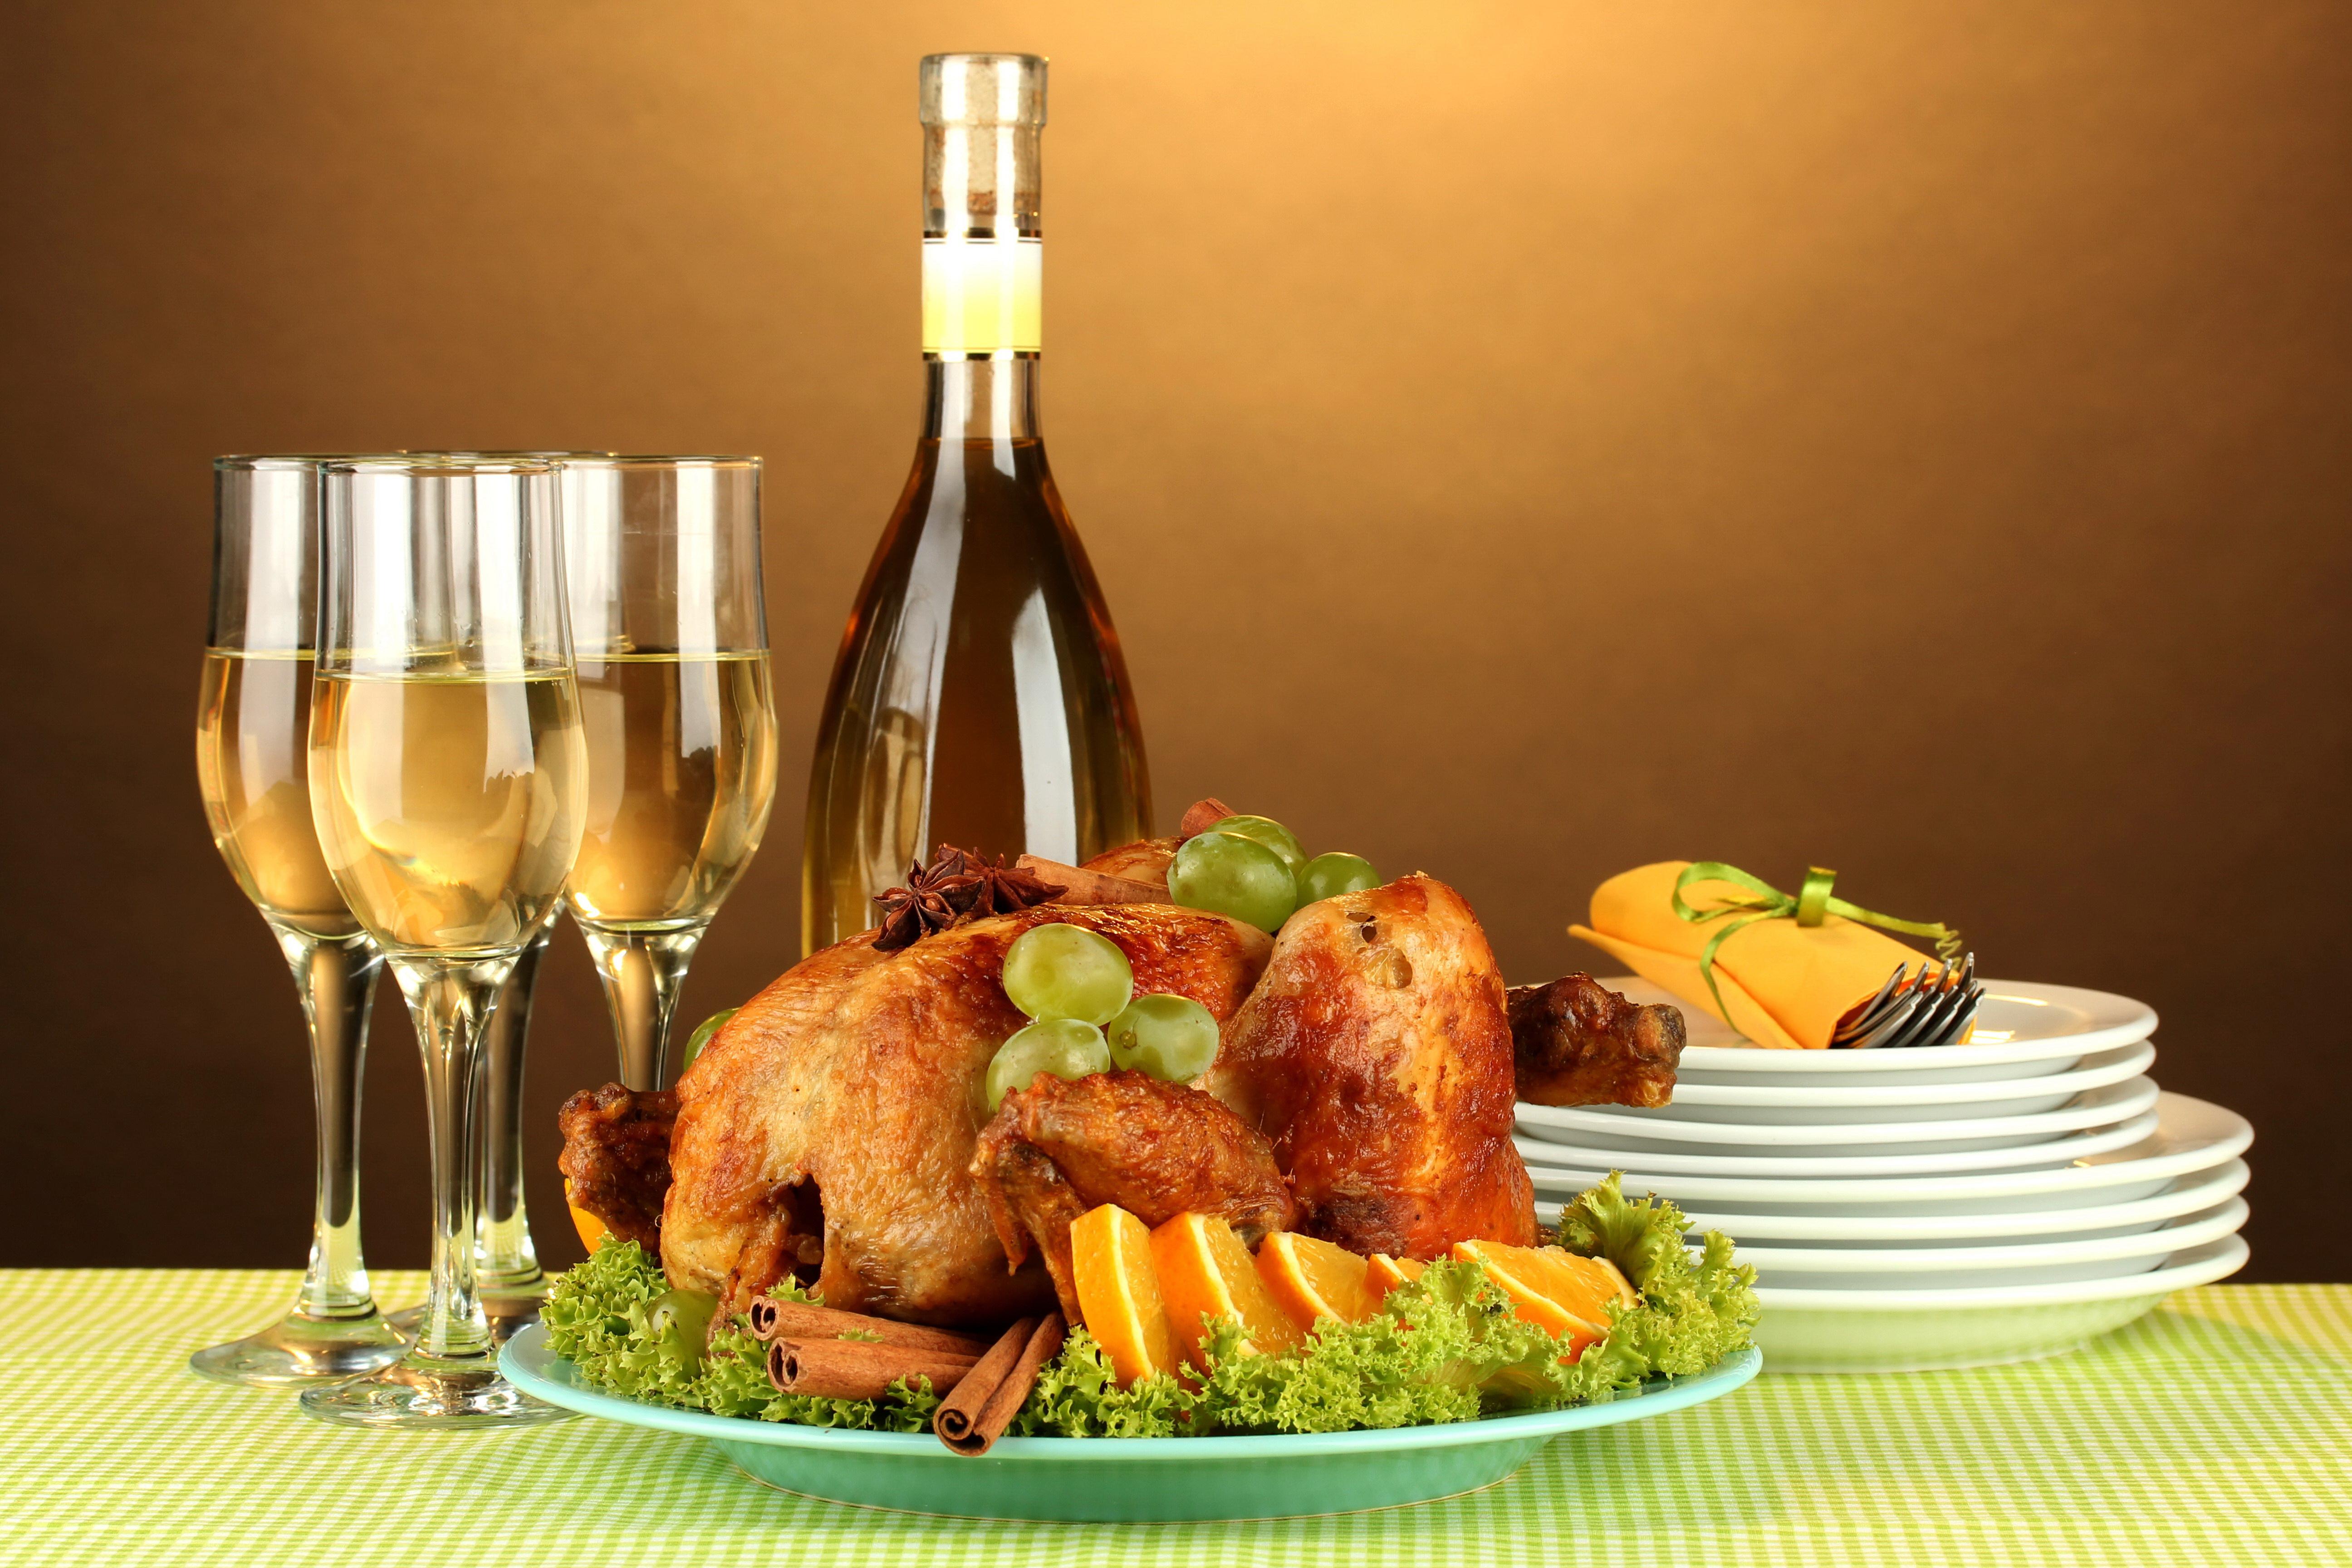 еда салаты рыба курица банкет  № 2124138  скачать